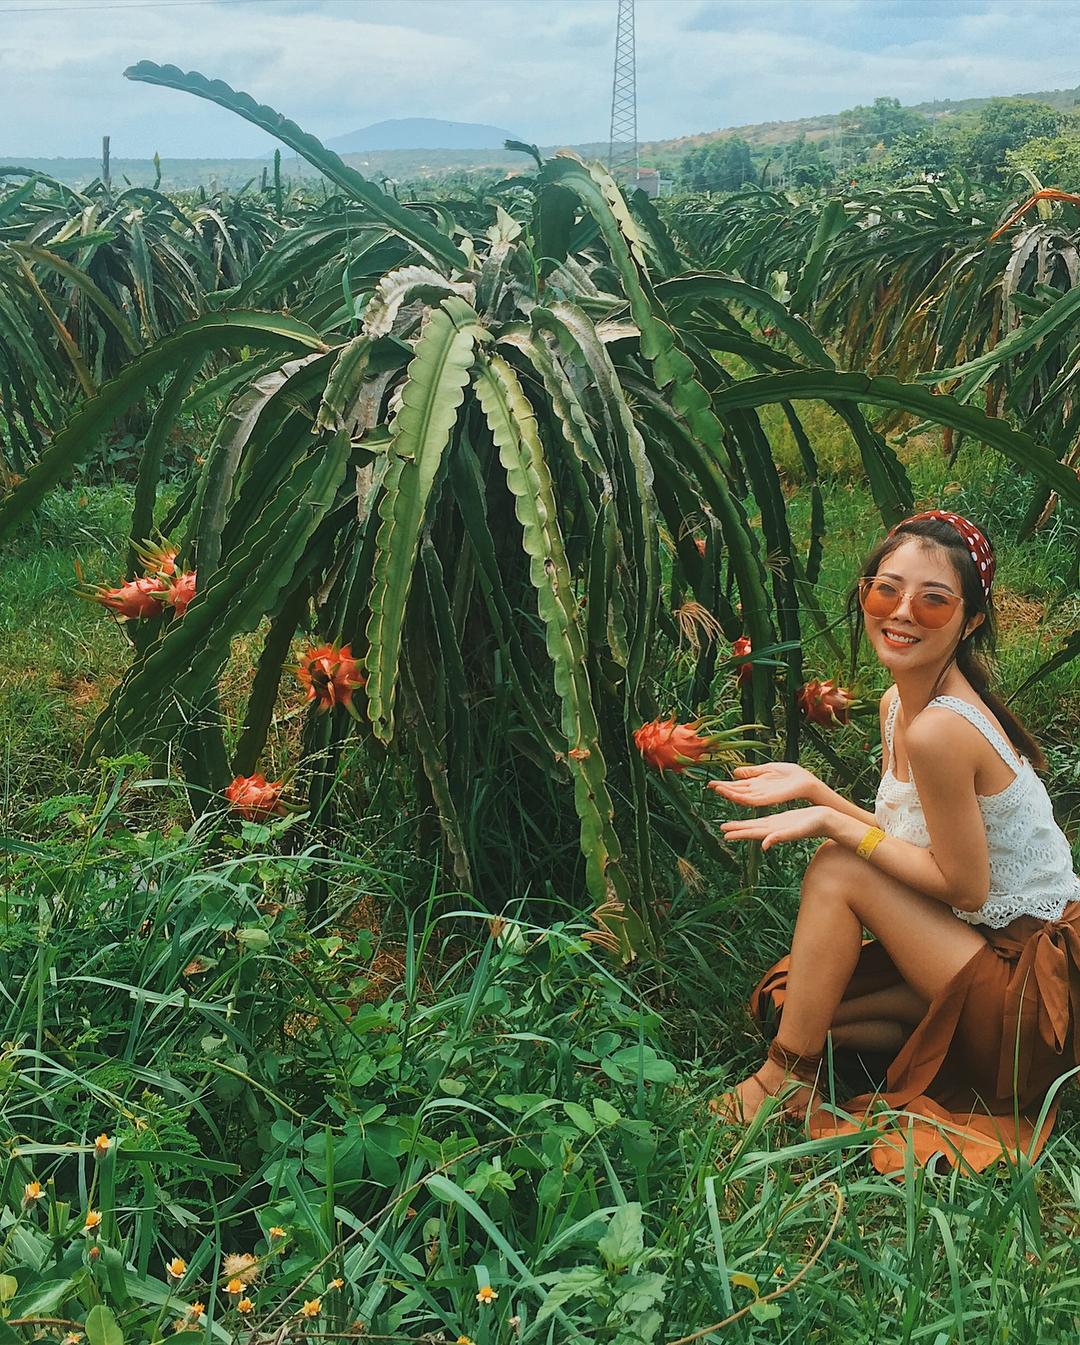 Đến Bình Thuận check in khu vườn thanh long đang khiến giới trẻ ...